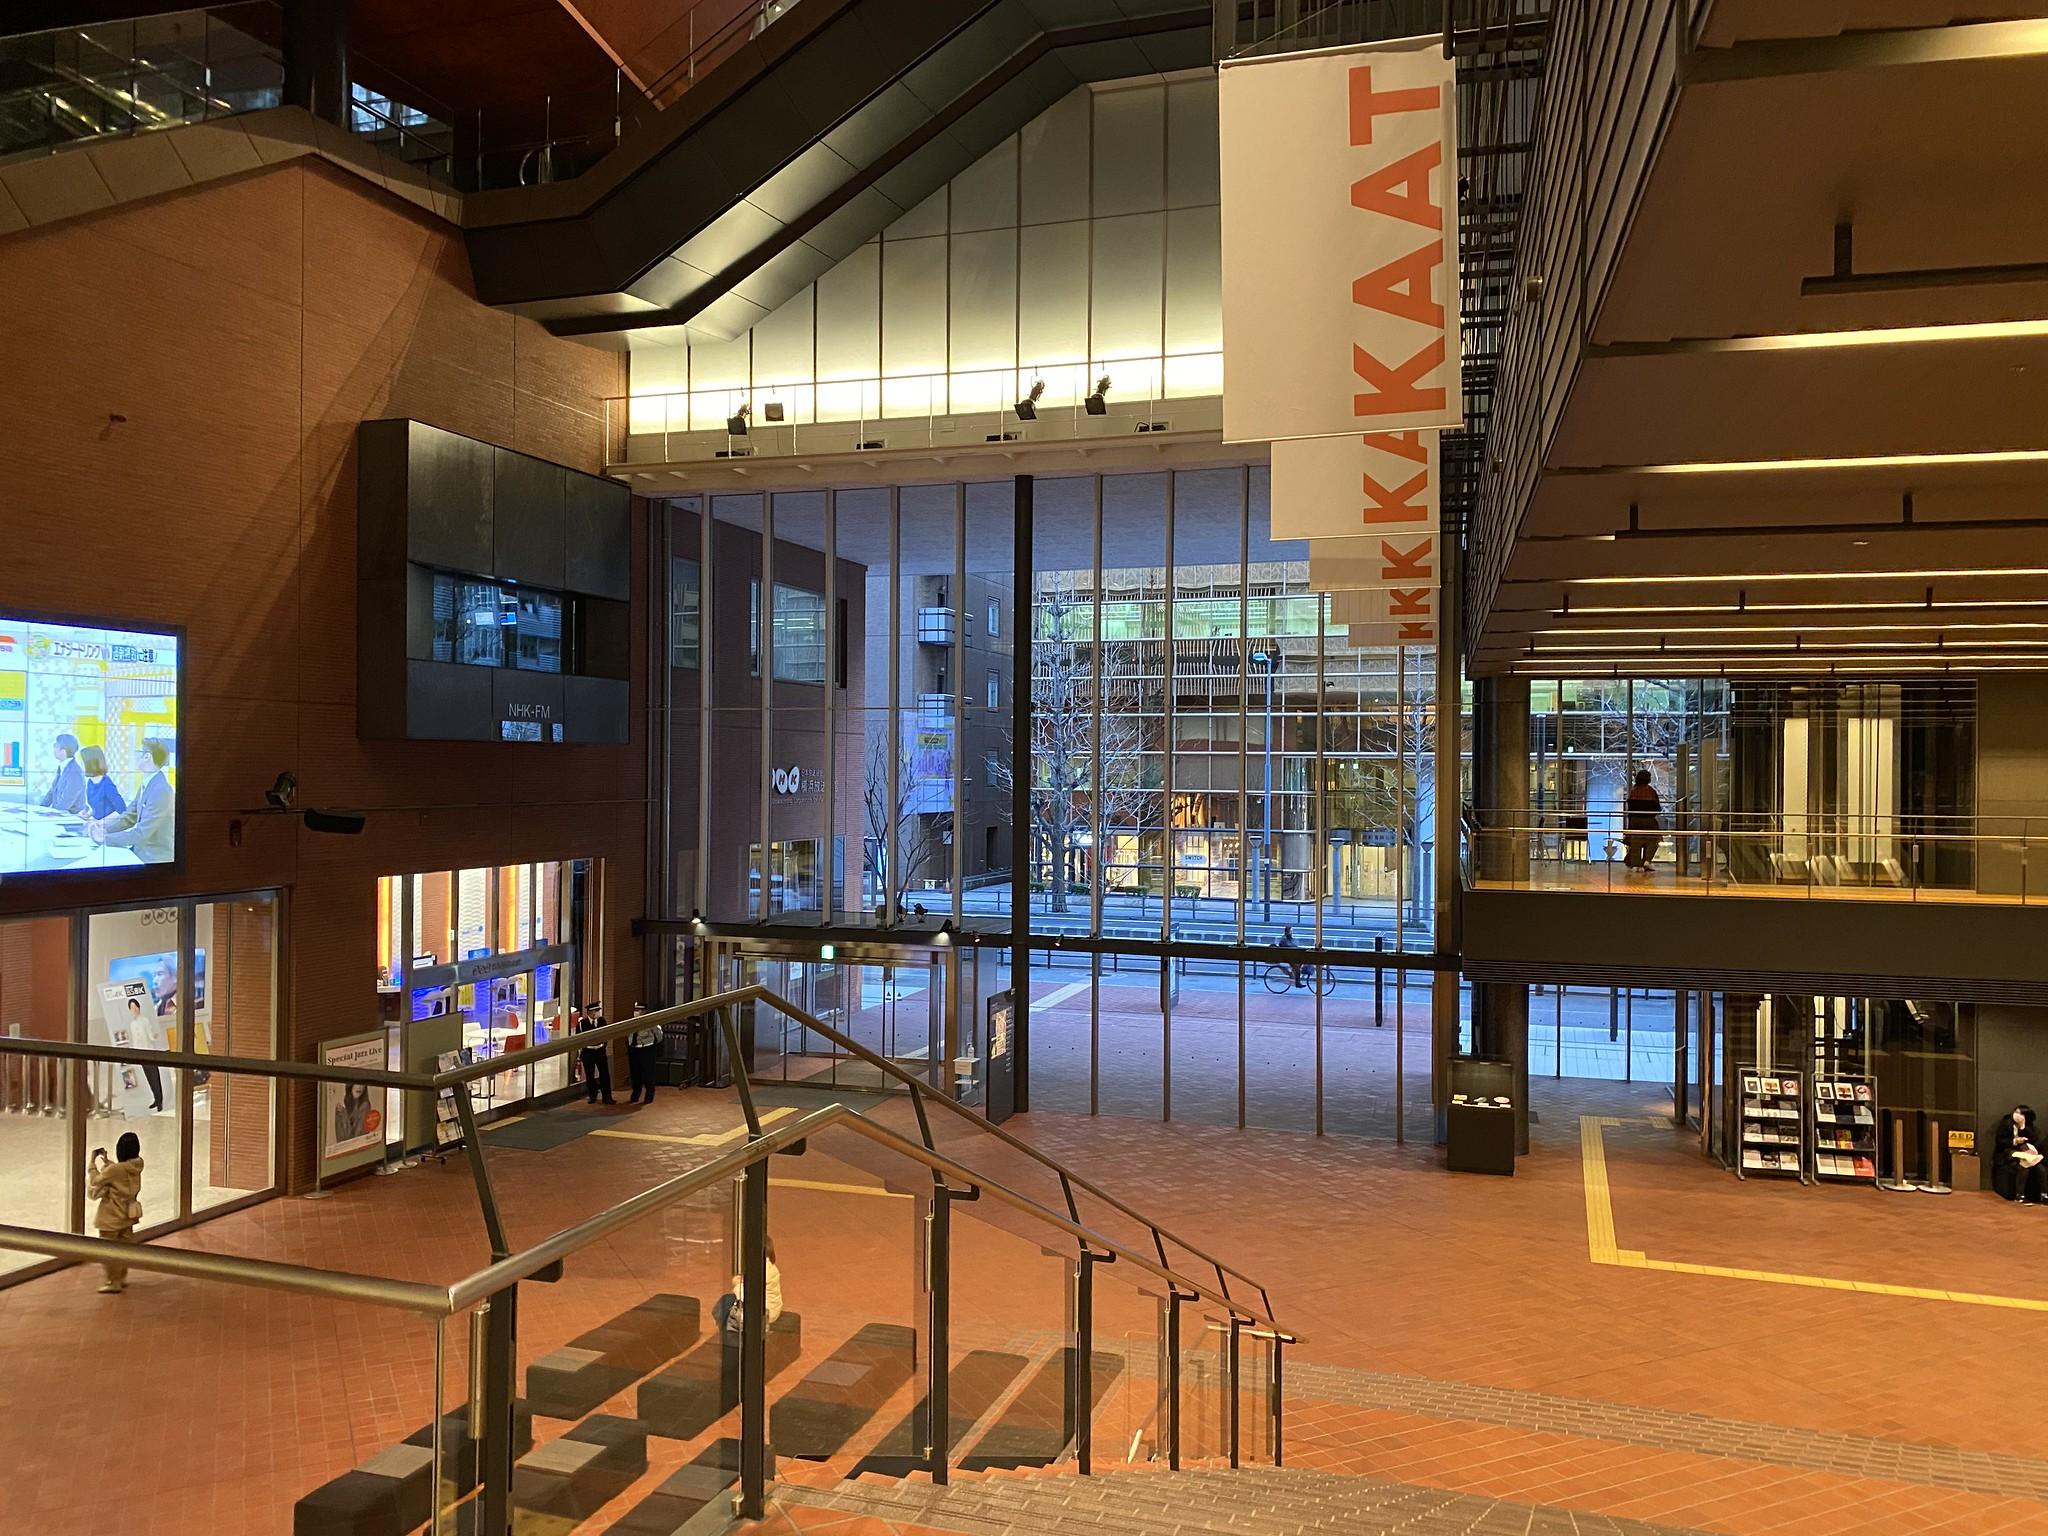 神奈川芸術劇場のエントランスは高い吹き抜けになっている